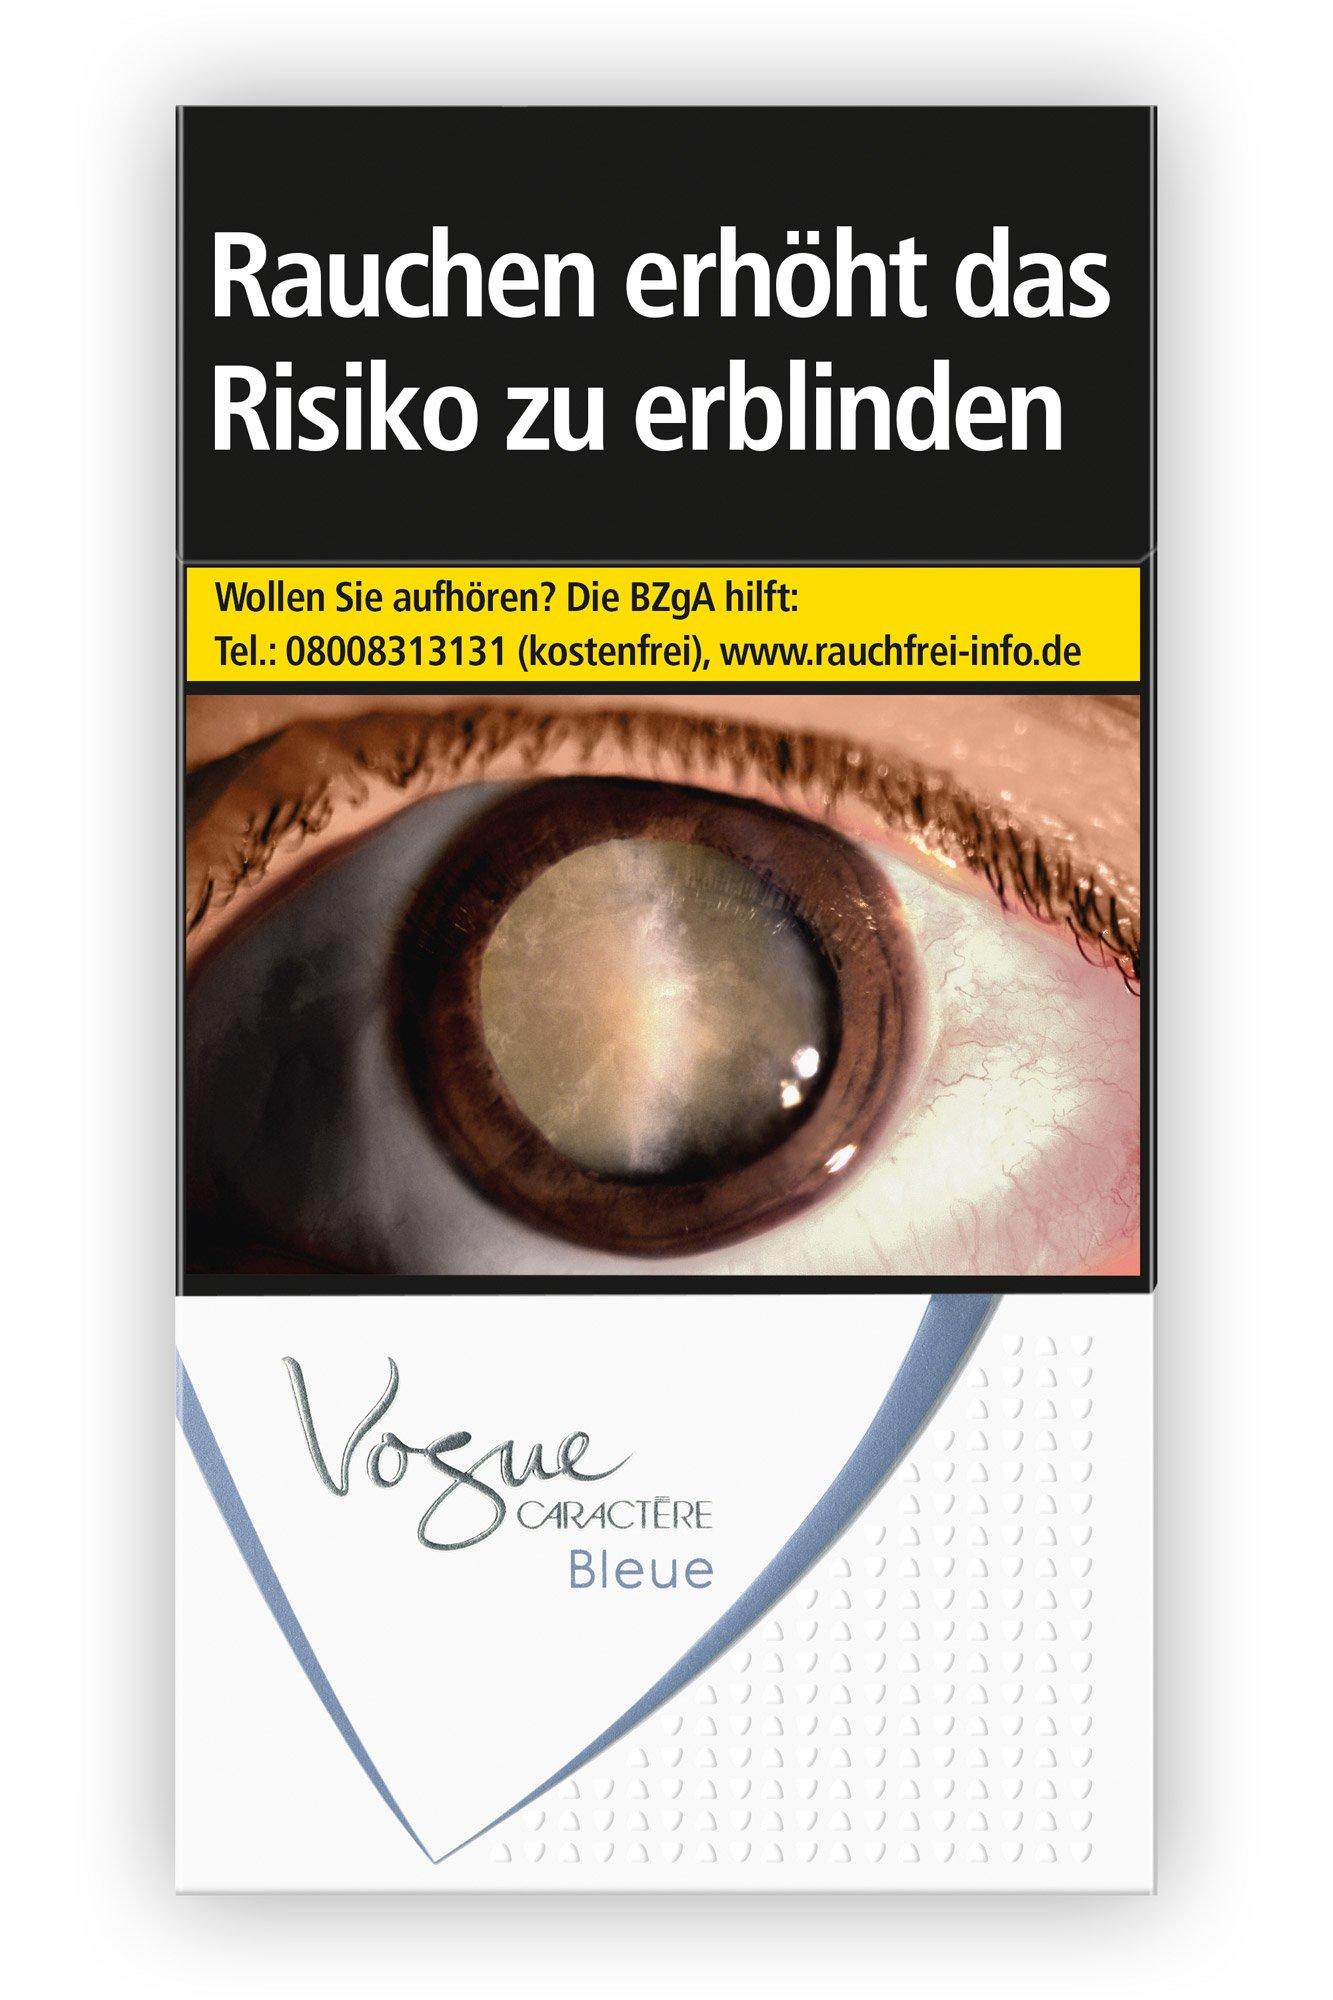 Vogue Caractère Bleue Zigaretten Inhalt: 20 Stück